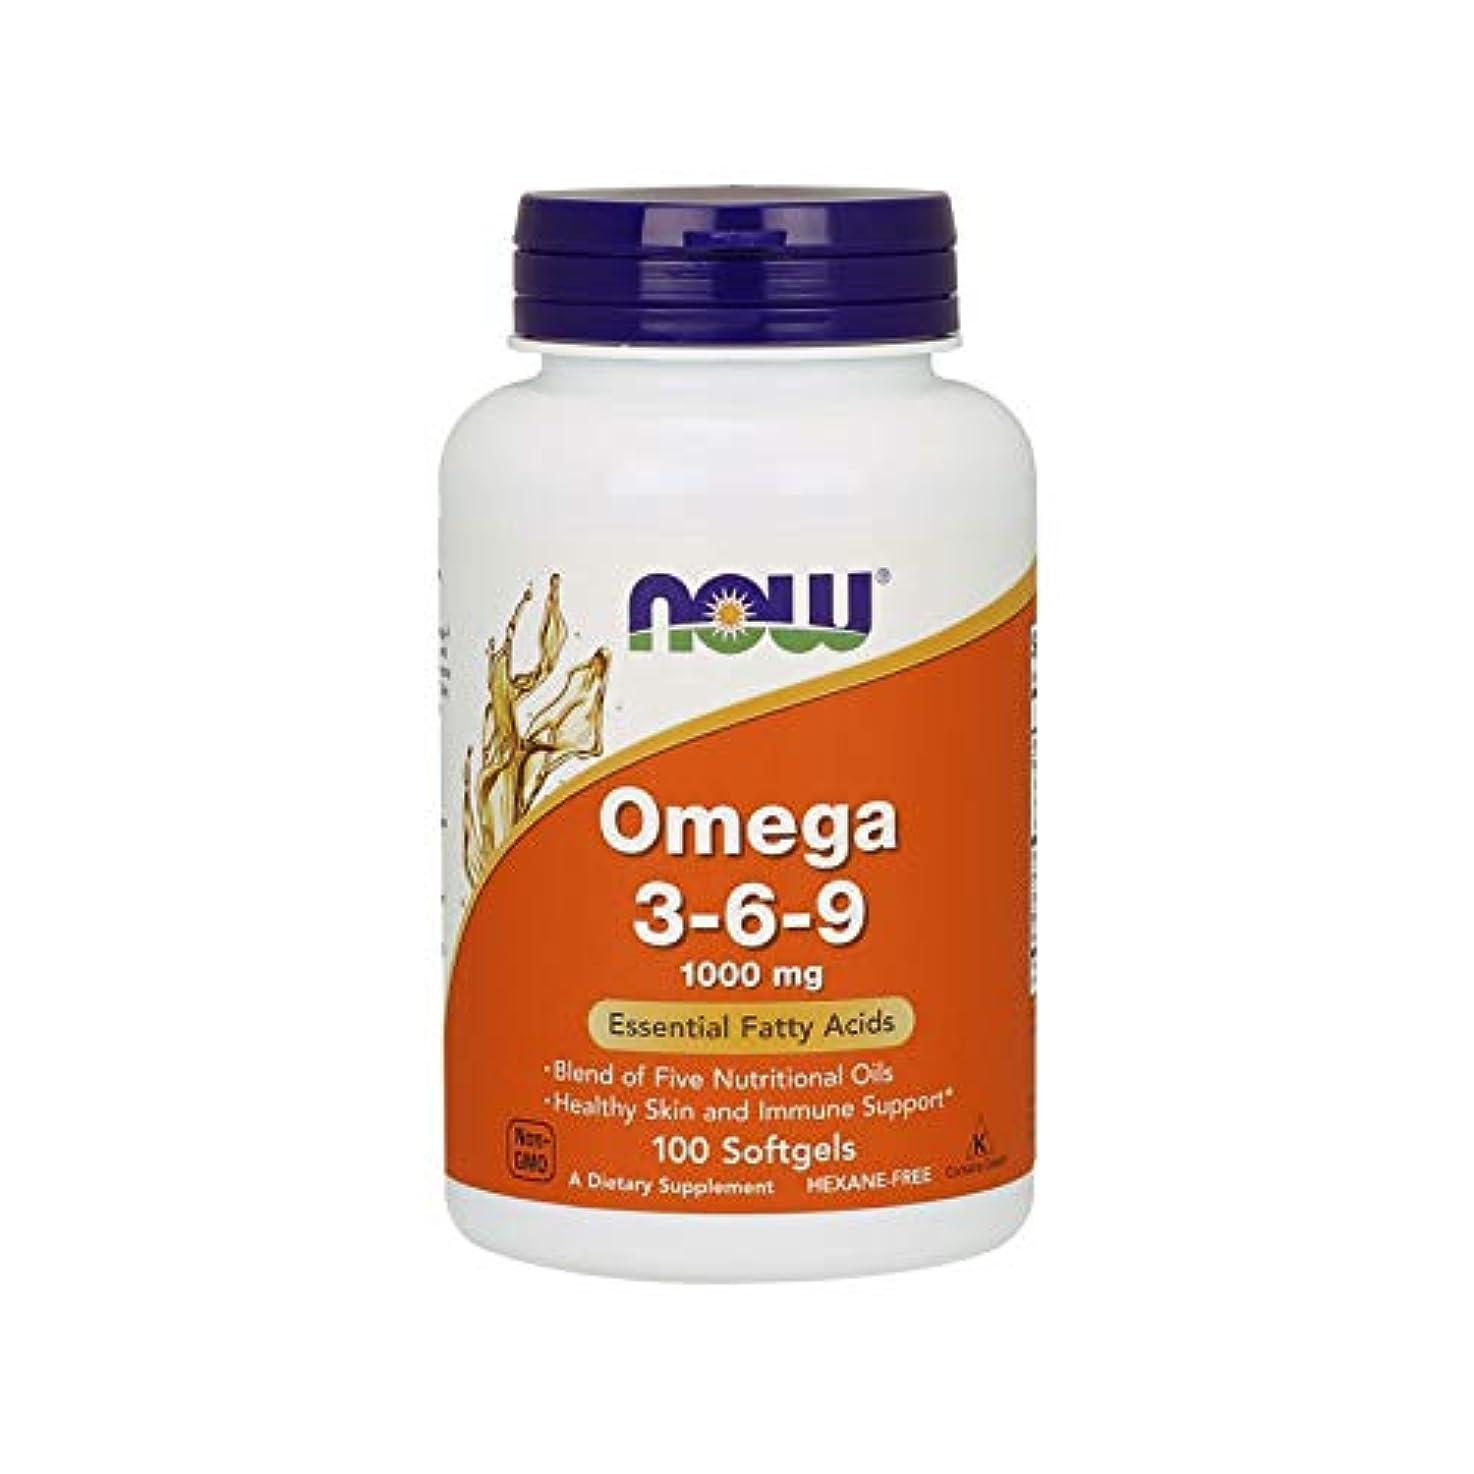 サンプルフェッチ正午[海外直送品] ナウフーズ 植物性オメガ3?6?9脂肪酸 1000mg(必須脂肪酸ミックス)